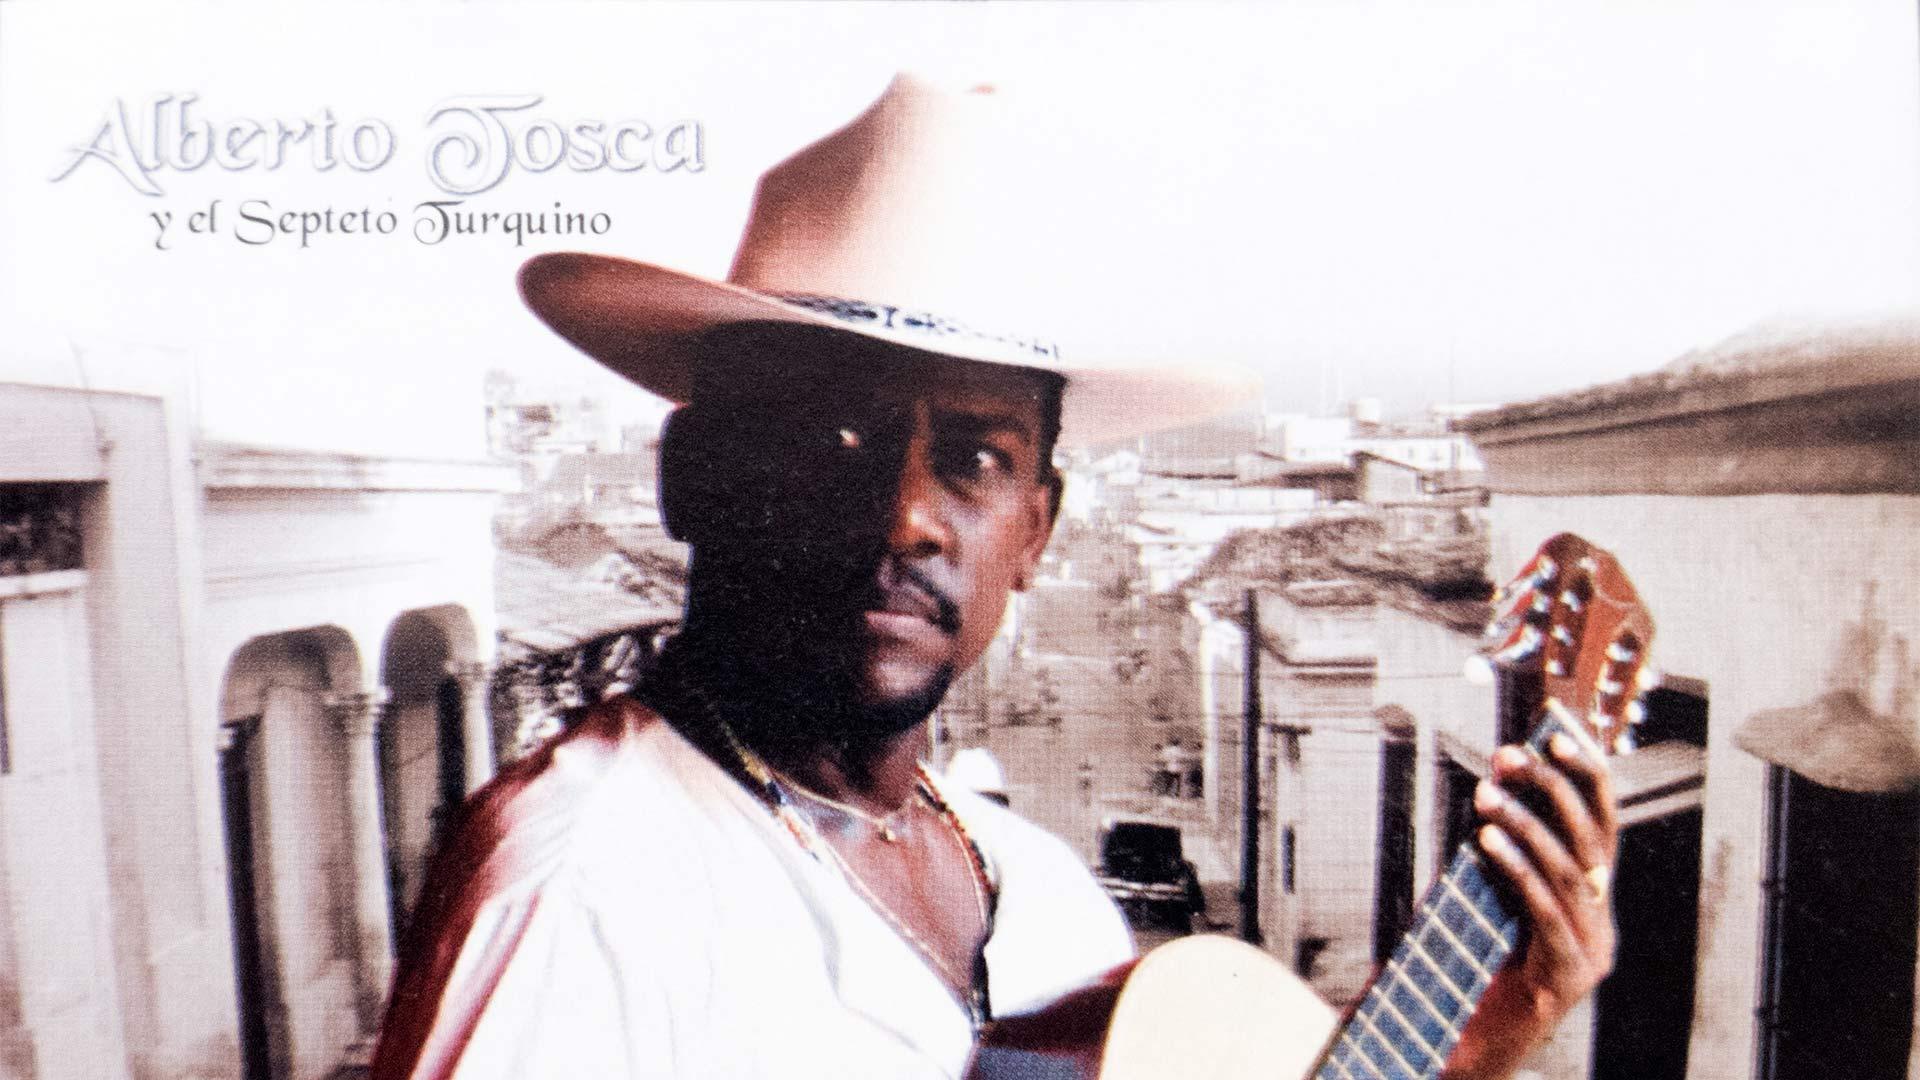 detalle de la portada del álbum Amor a Santiago, de Alberto Tosca y el Septeto Turquino.